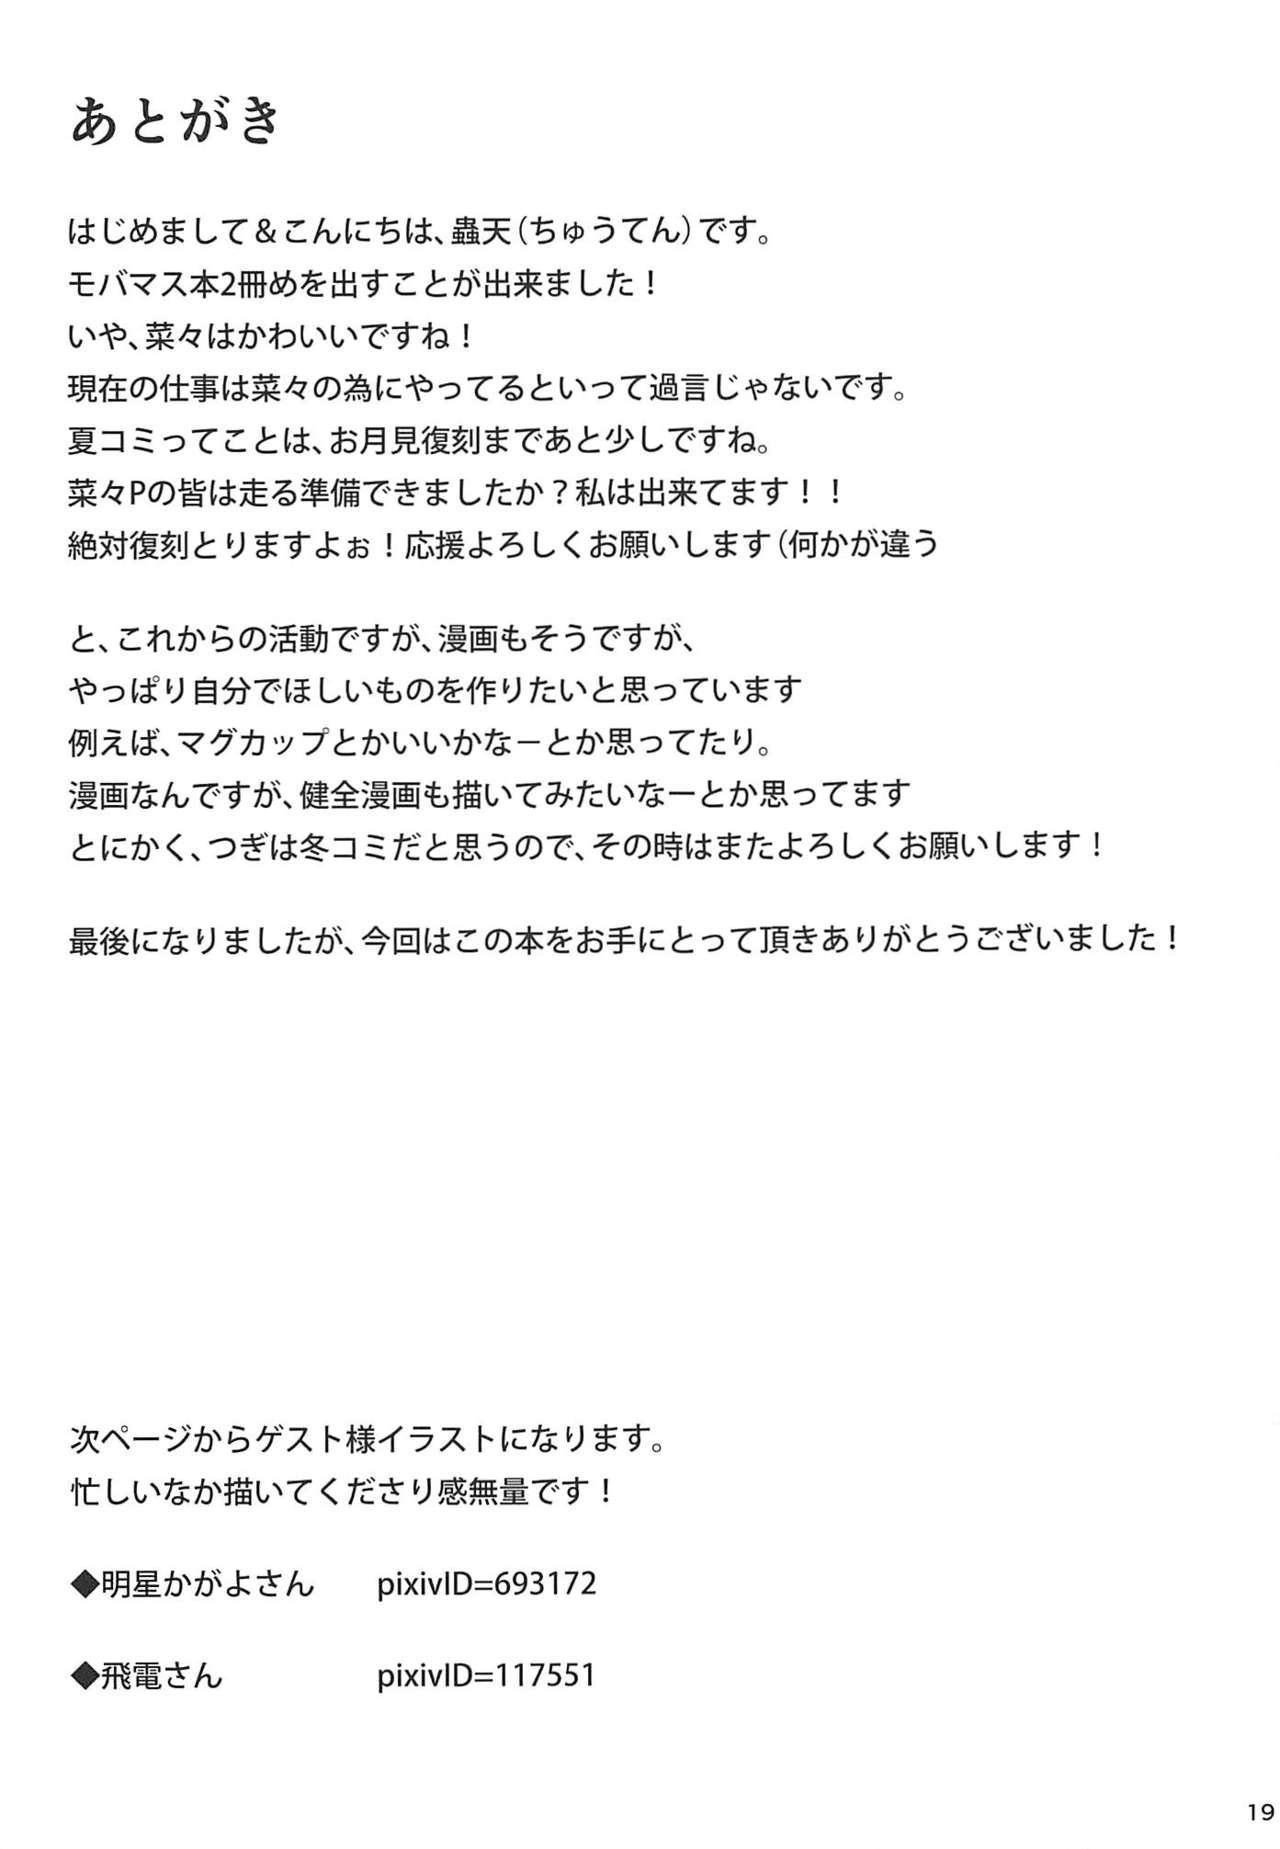 Koisuru Usamin wa Setsunakute P o Omou to Sugu ◯◯ Shichau no 17